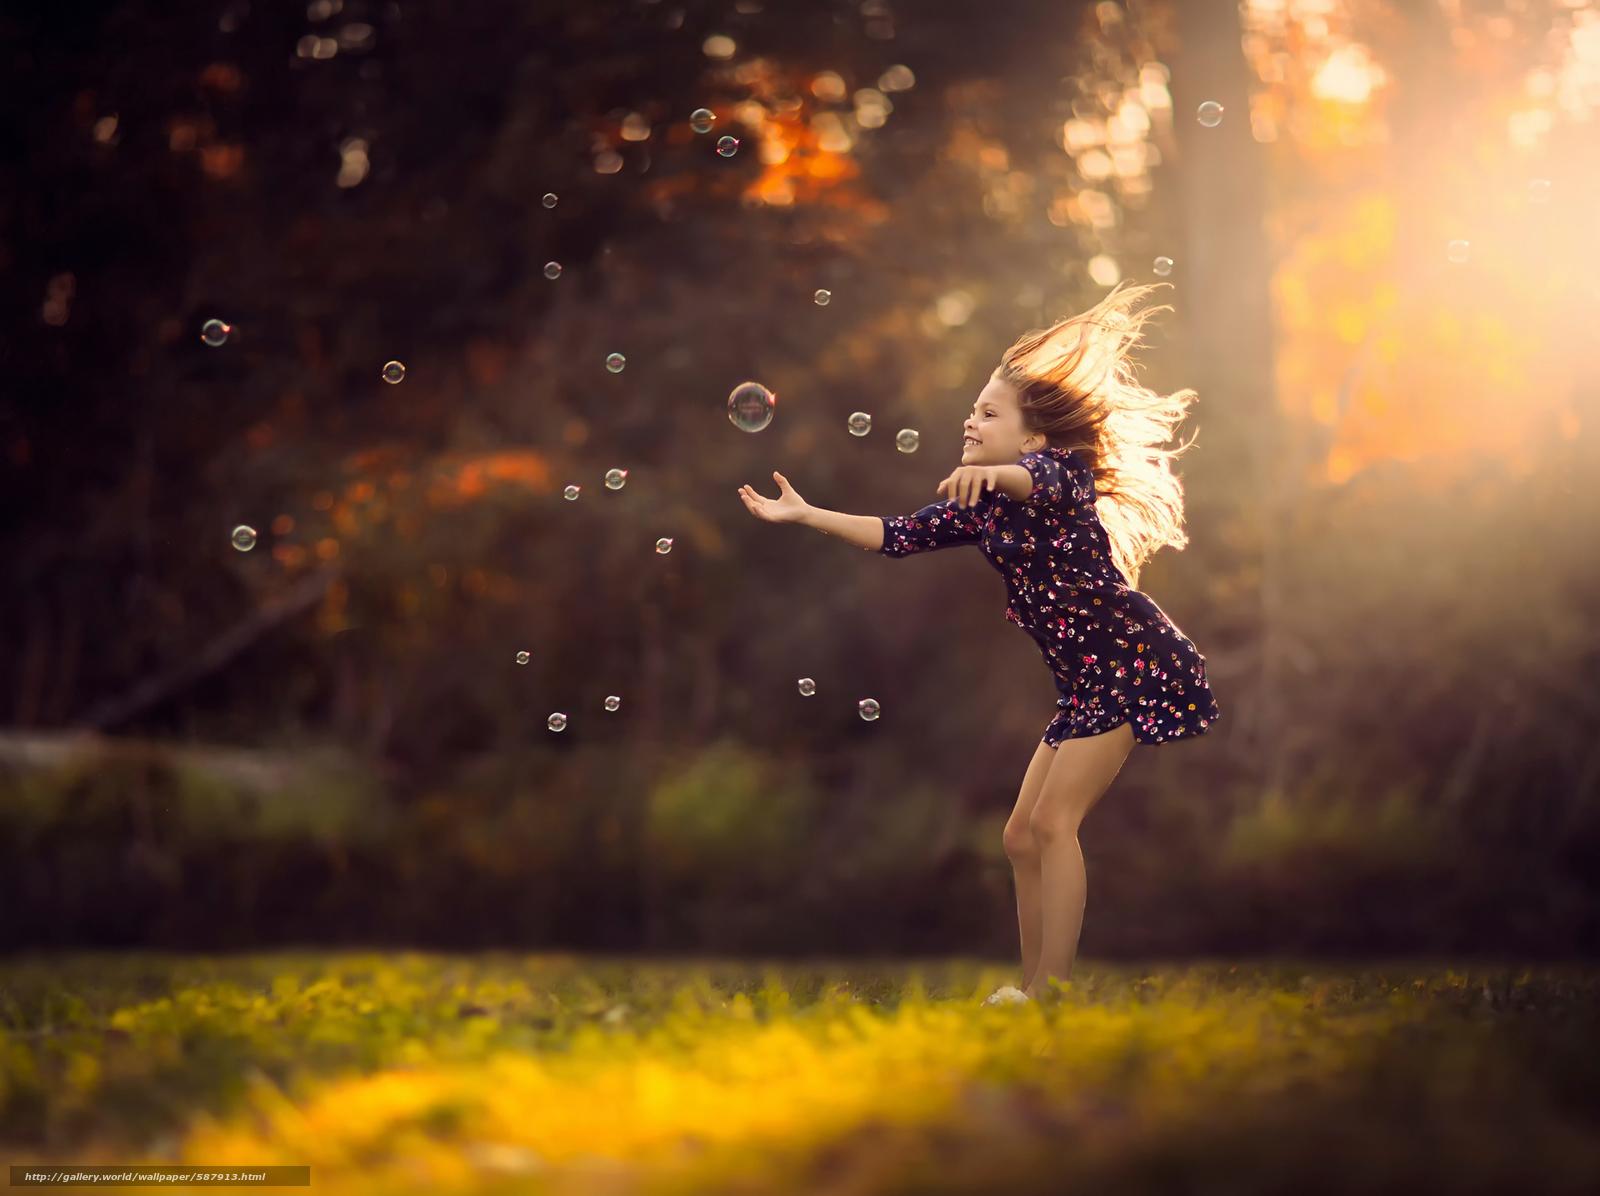 Скачать обои девочка,  платье,  солнечный свет,  мыльные пузыри бесплатно для рабочего стола в разрешении 2048x1531 — картинка №587913